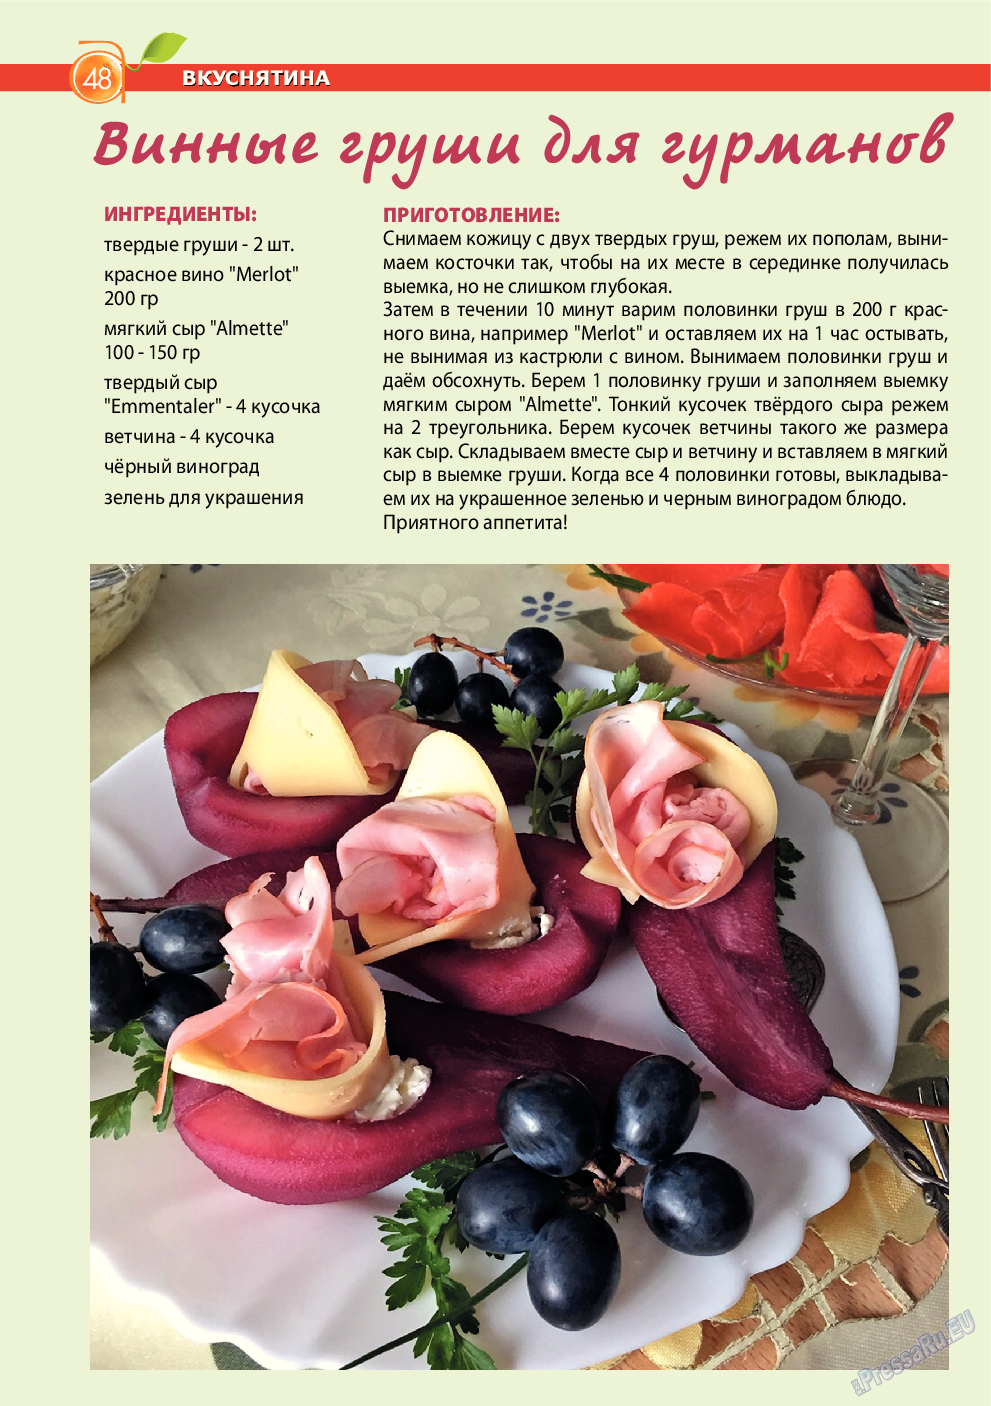 Апельсин (журнал). 2014 год, номер 64, стр. 48